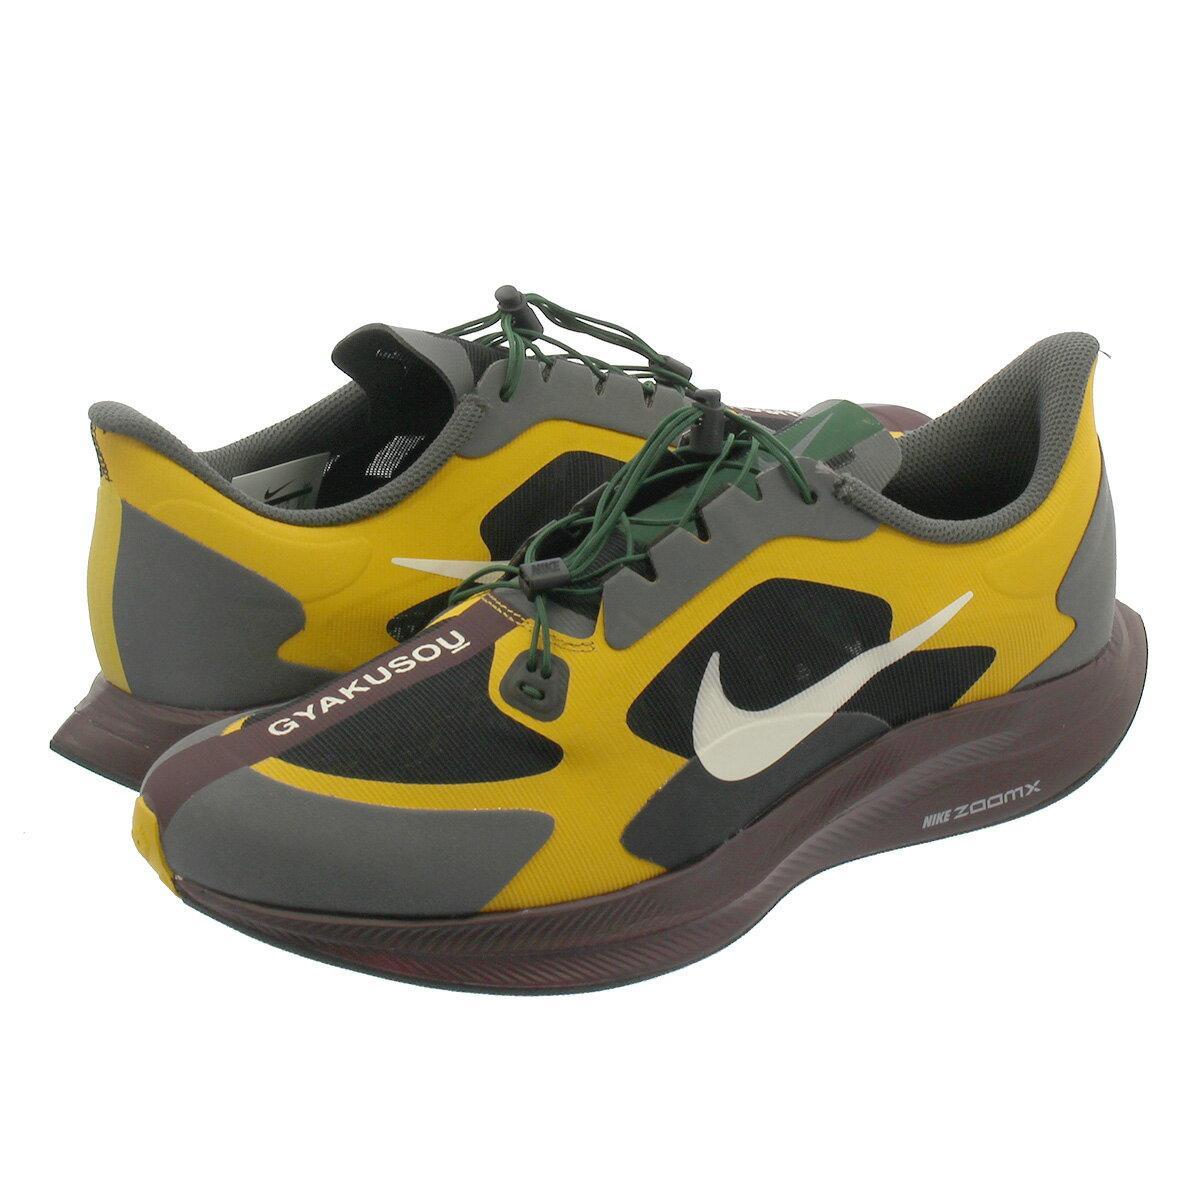 メンズ靴, スニーカー NIKE ZOOM PEGASUS 35 TURBO GYAKUSOU 35 GOLD DARTPALE IVORYIRON GREY bq0579-700